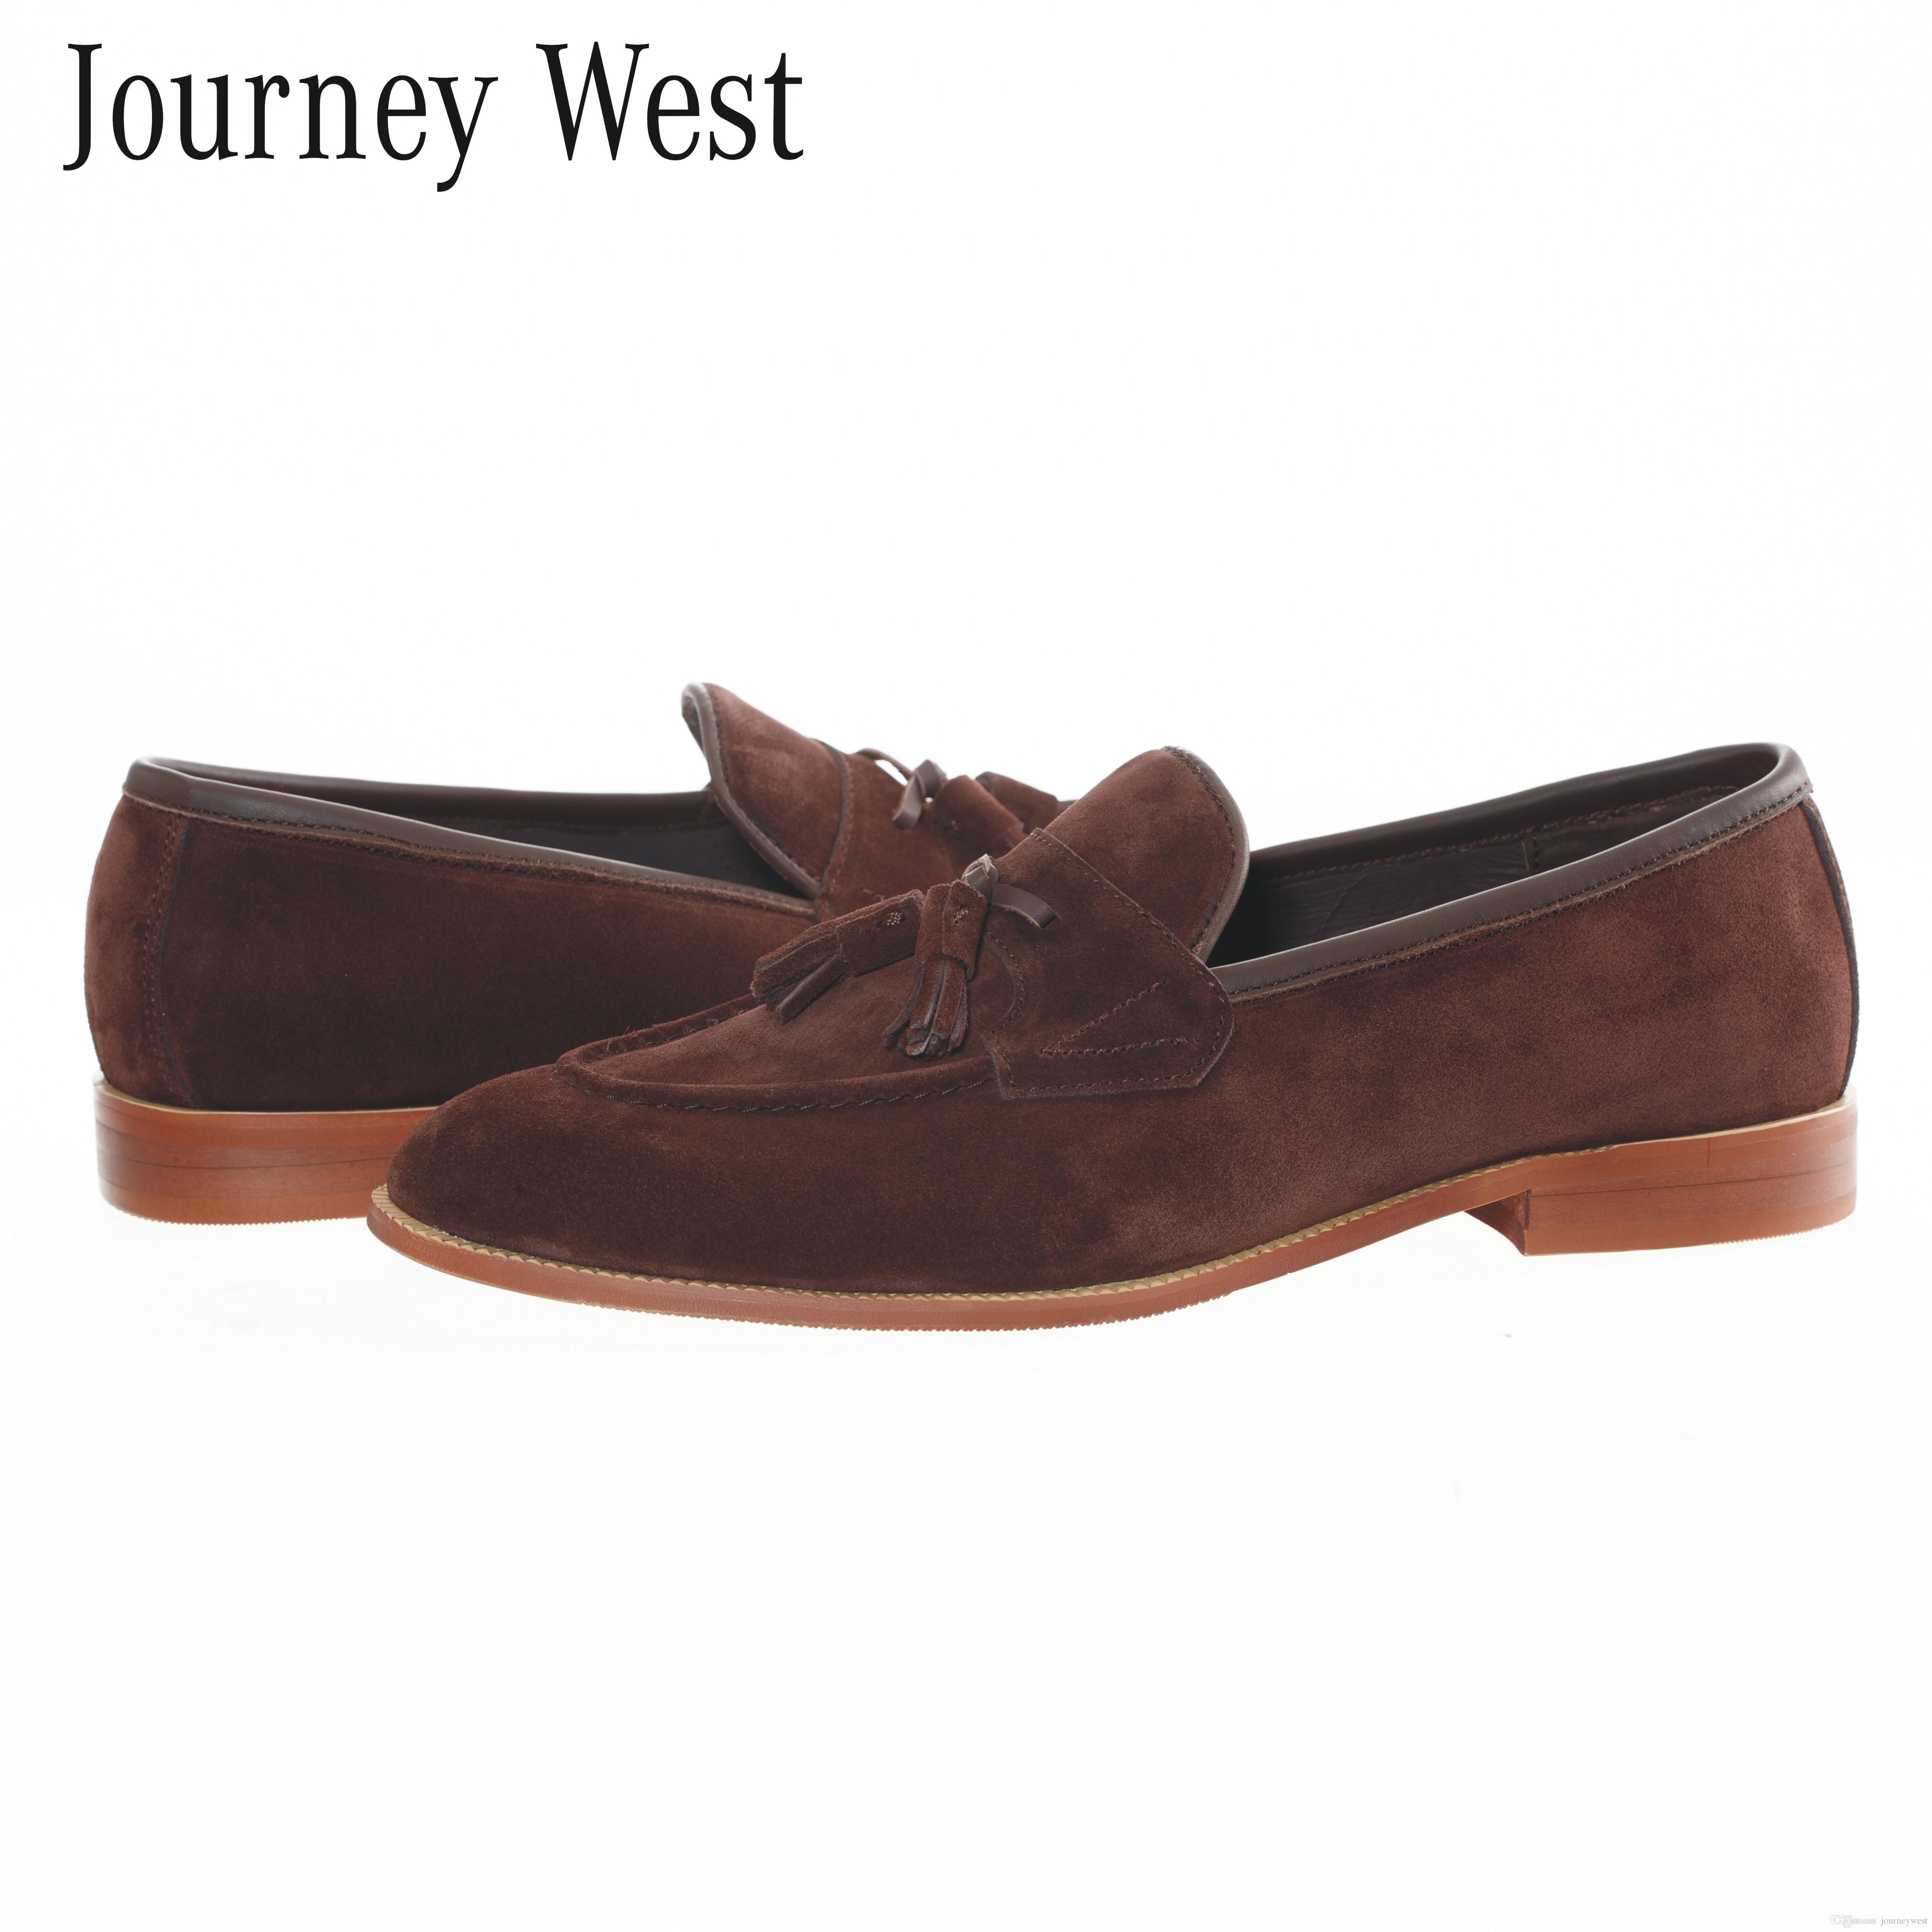 Großhandel Handgemachte Männer Brown Echte Wildleder Leder Quaste Loafers  Designer Schuhe Slip On Herren Wohnungen Britischen Kleid Formale Schuhe  Plus ... 62a3277820